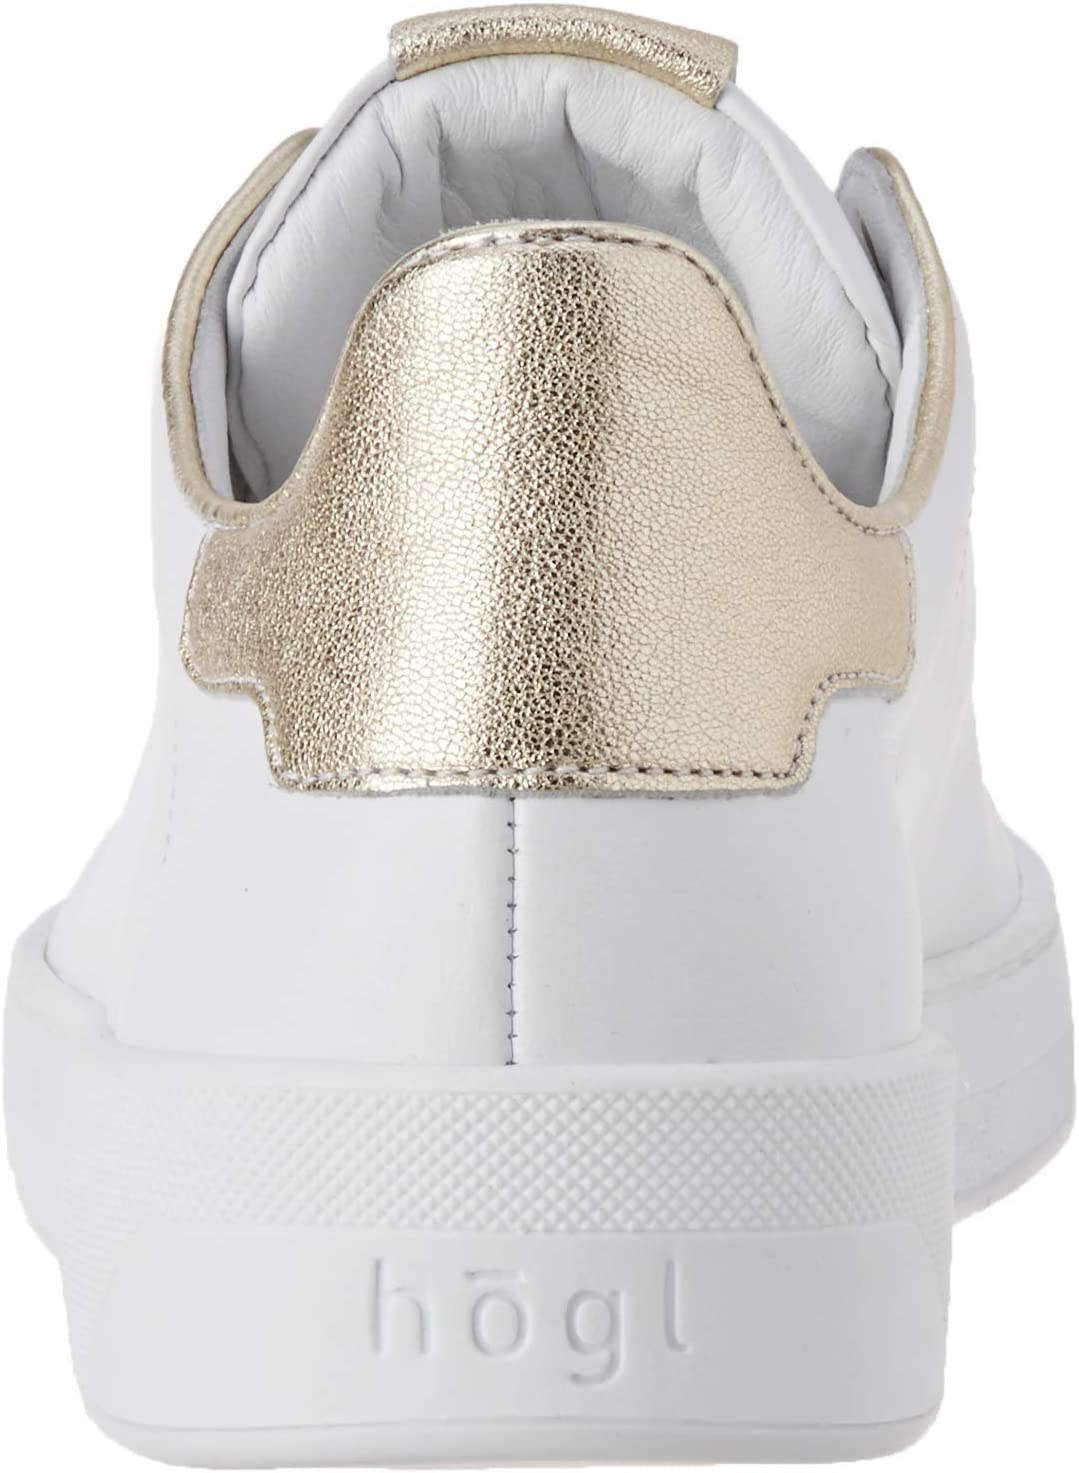 HÖGL Essenza Sneakers voor dames Meerkleurig wit platina 0275